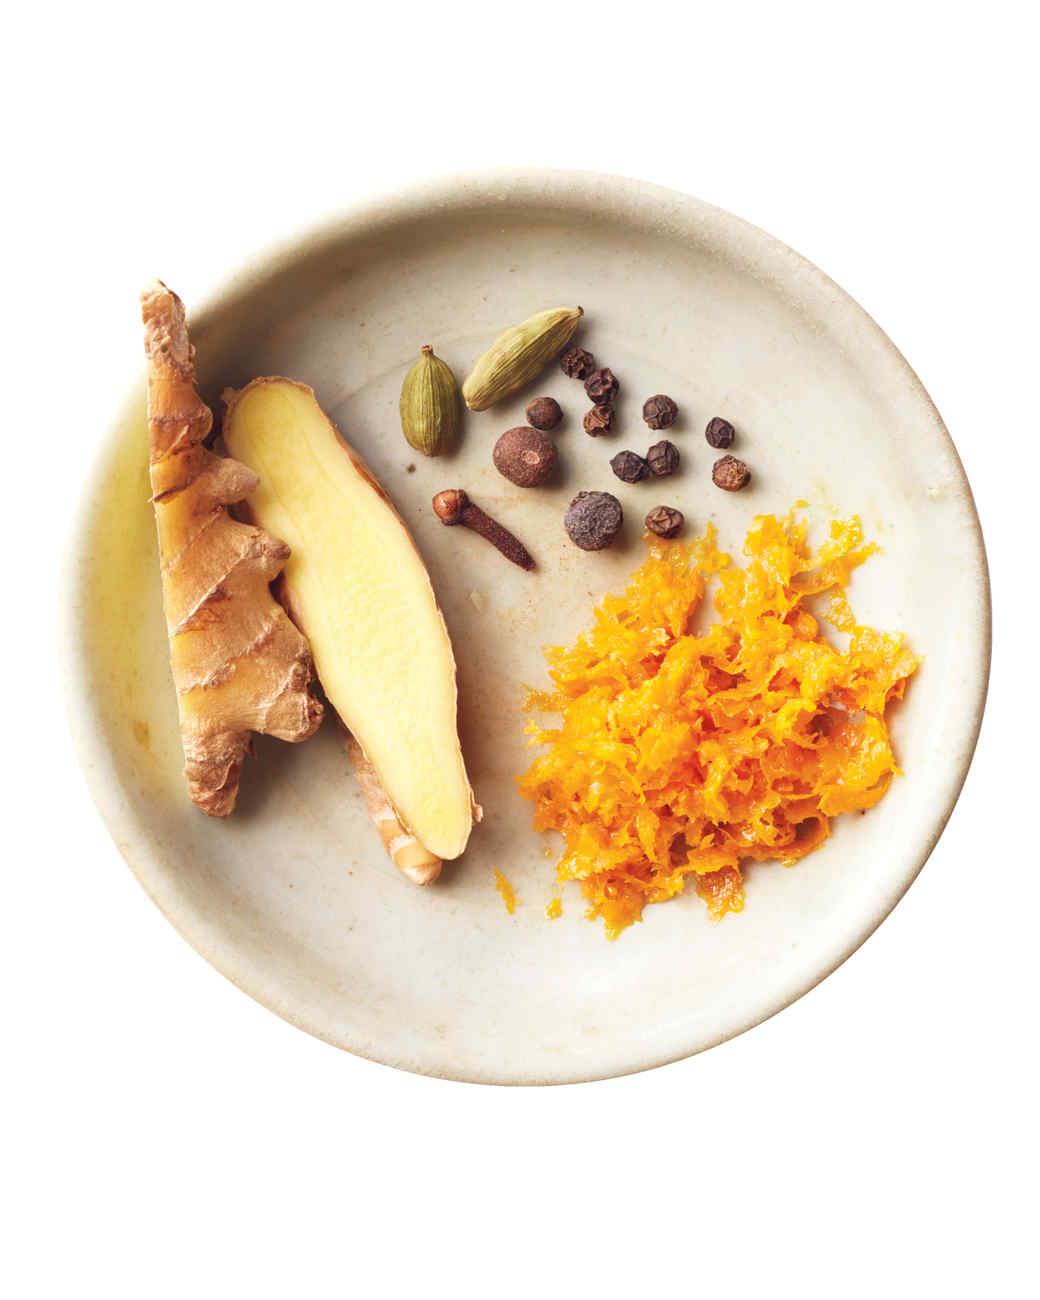 ginger-orange-spices-039-d112429.jpg